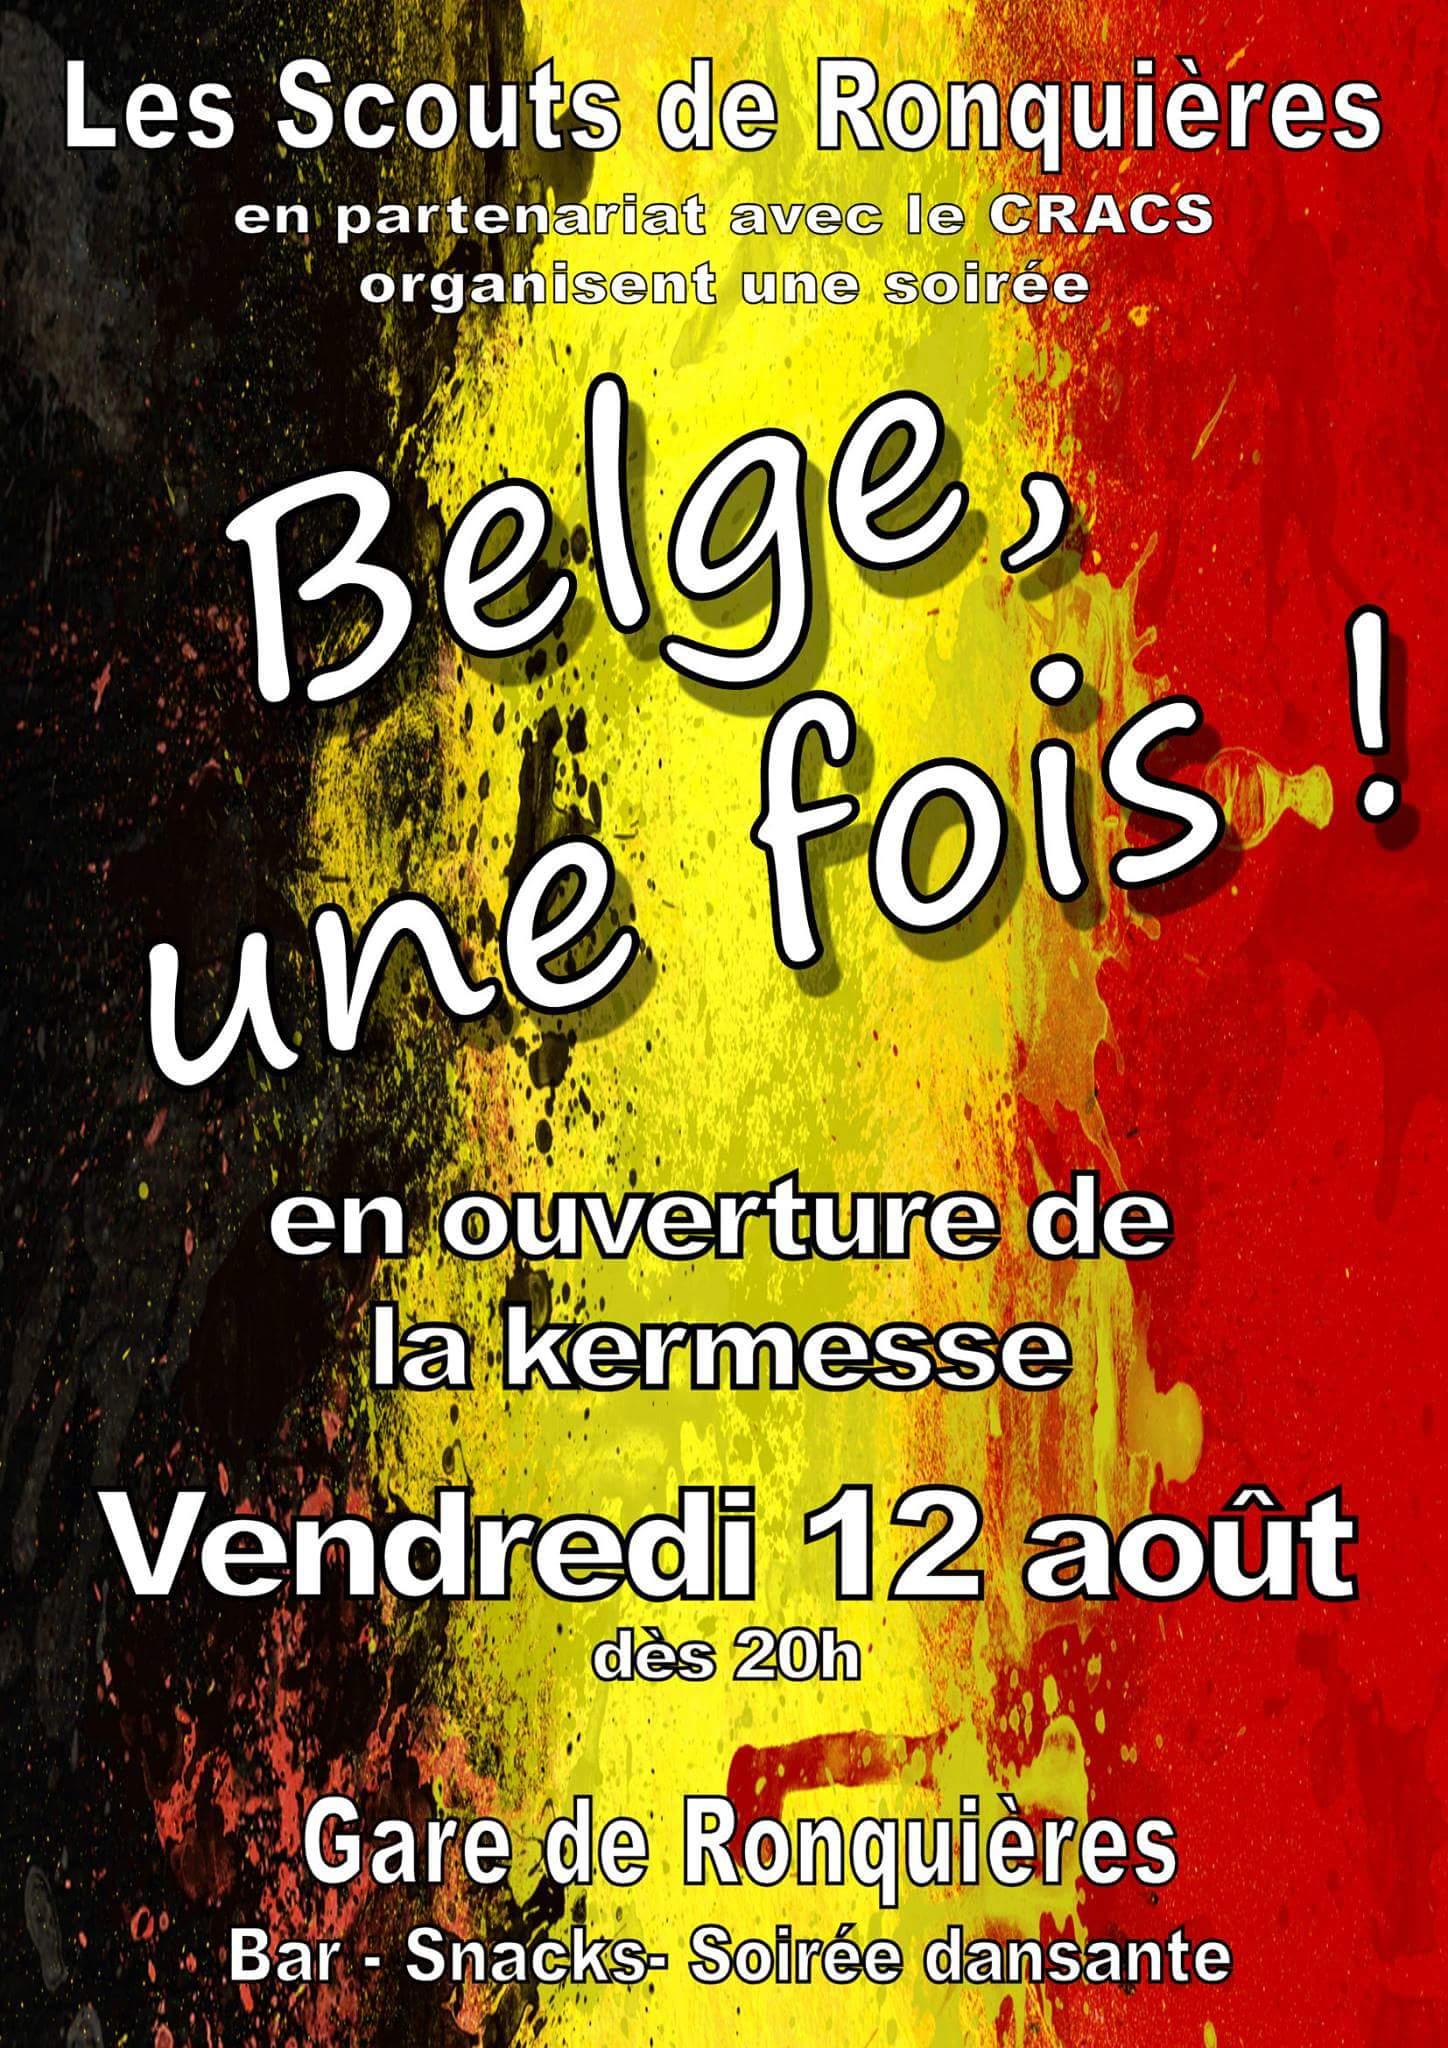 Belge, une fois!